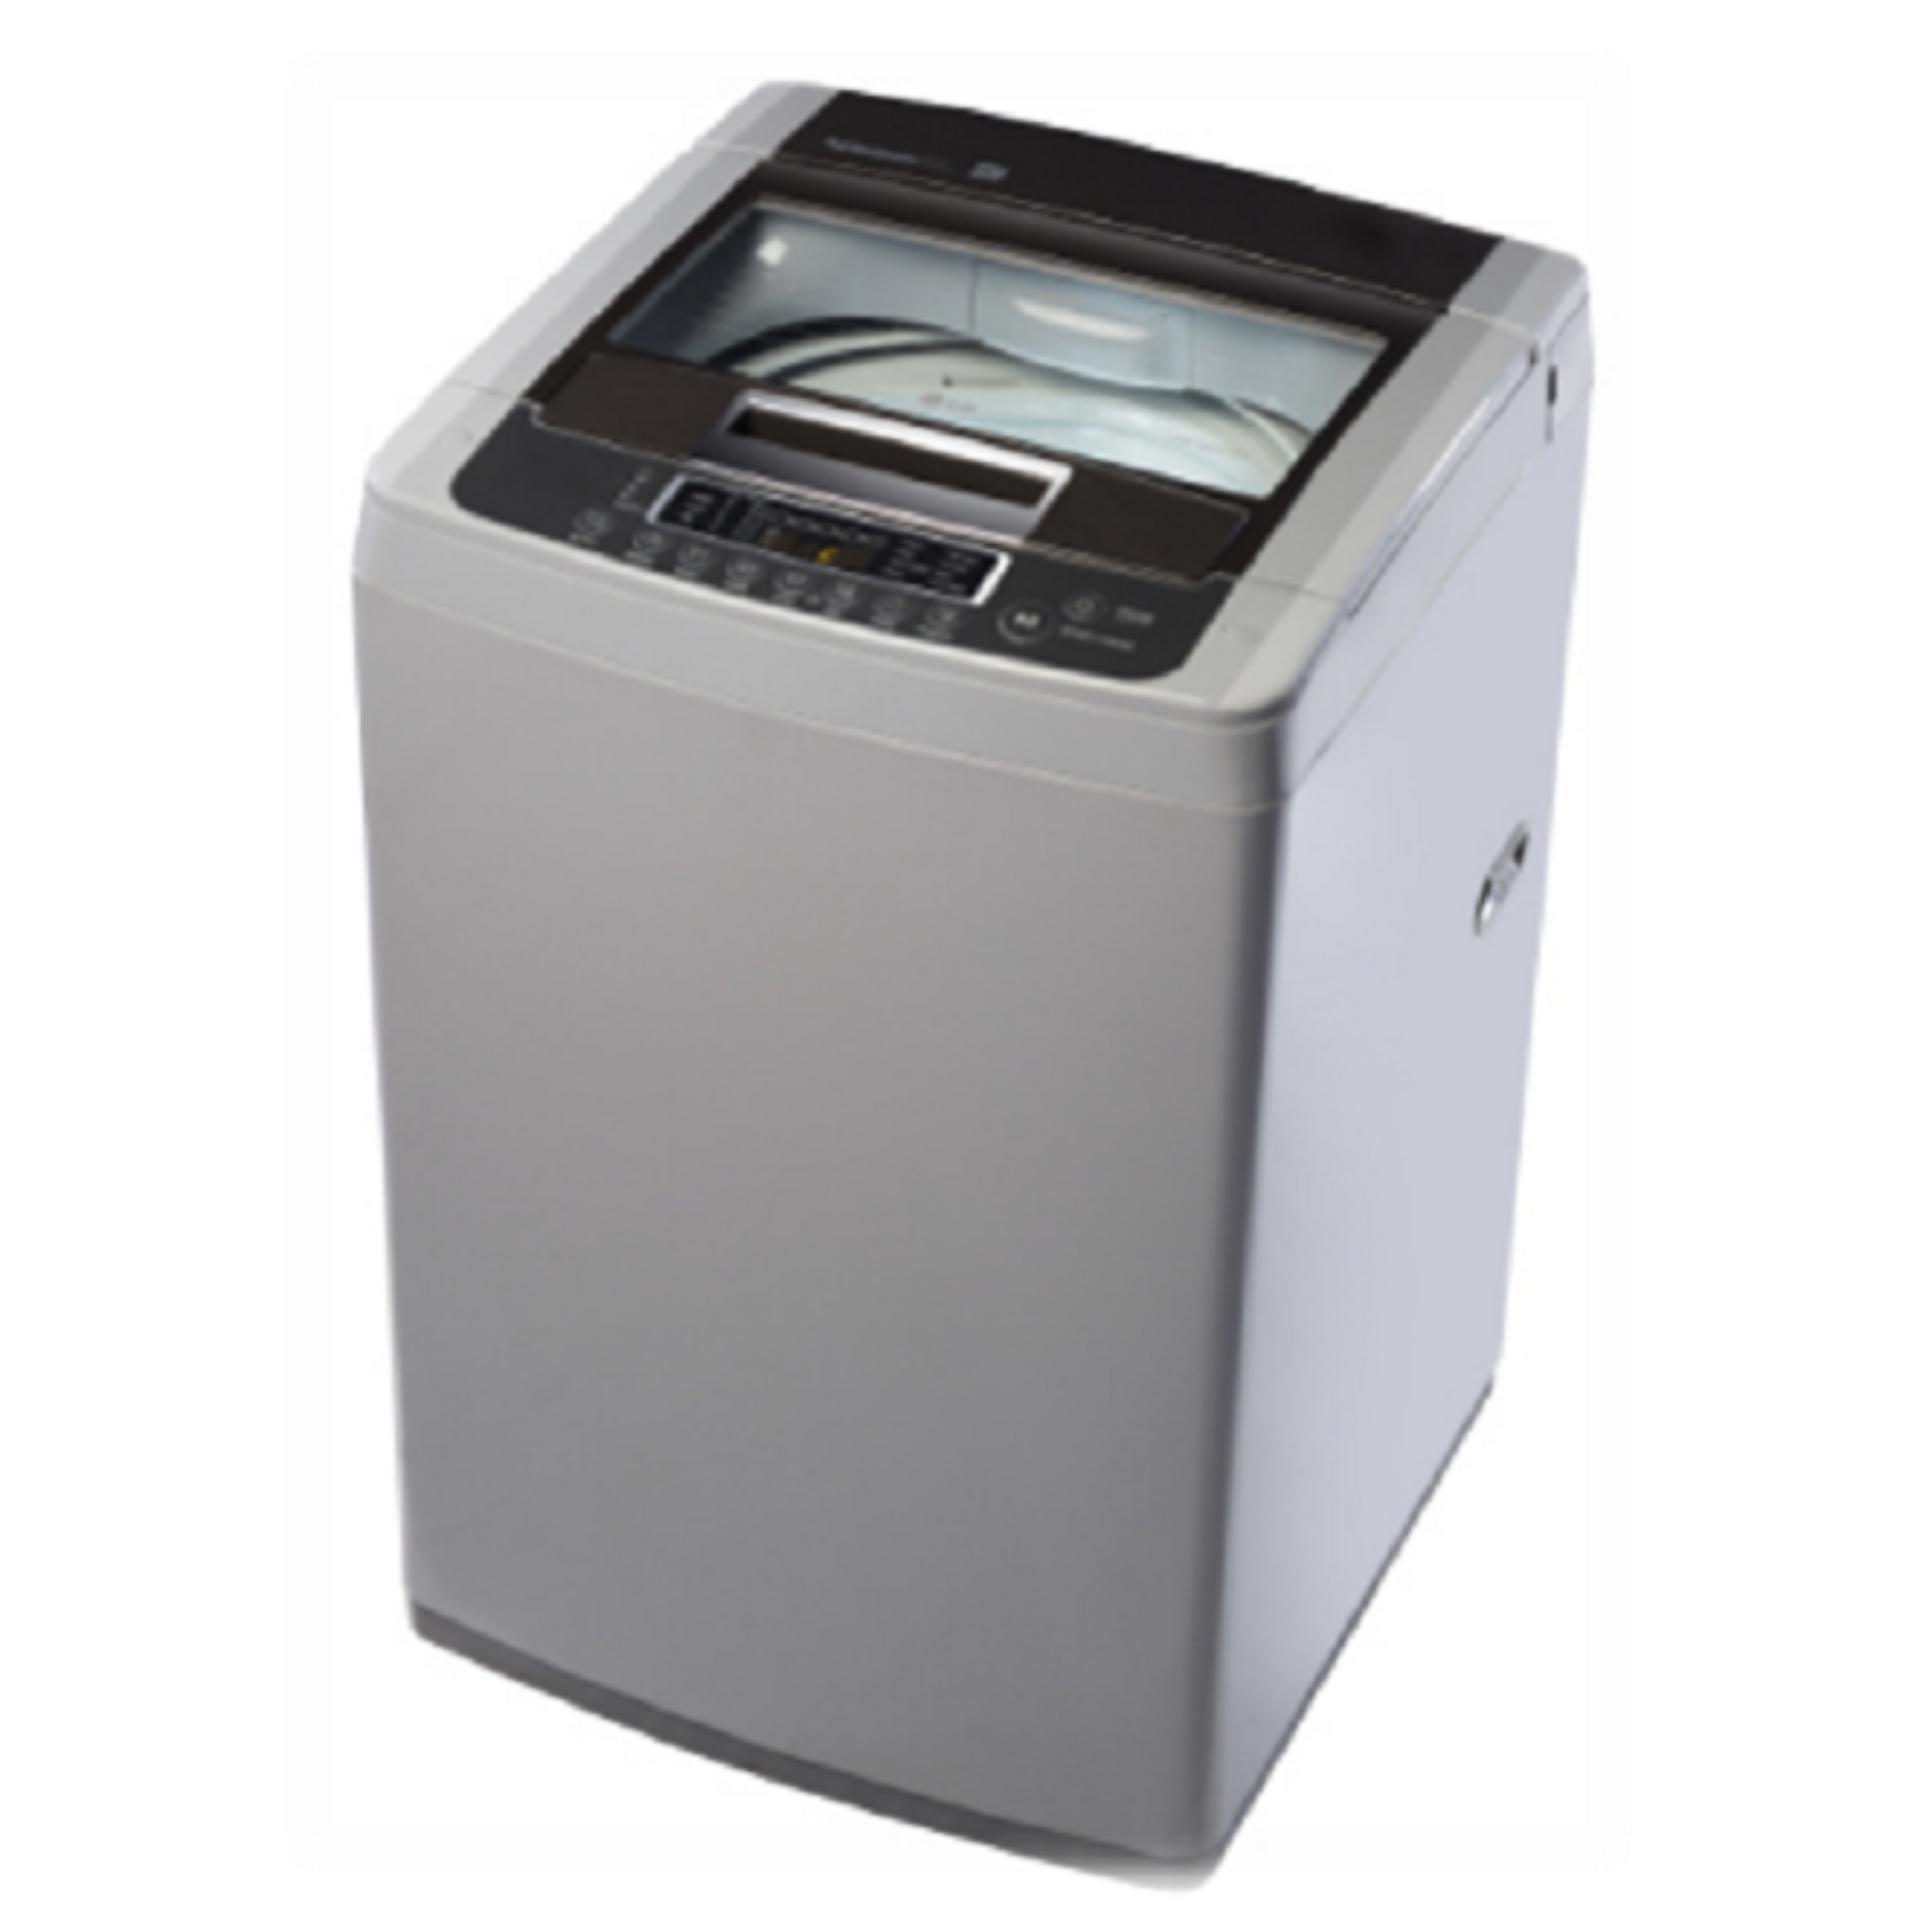 Máy giặt lồng đứng LG T2385VSPM (Bạc)